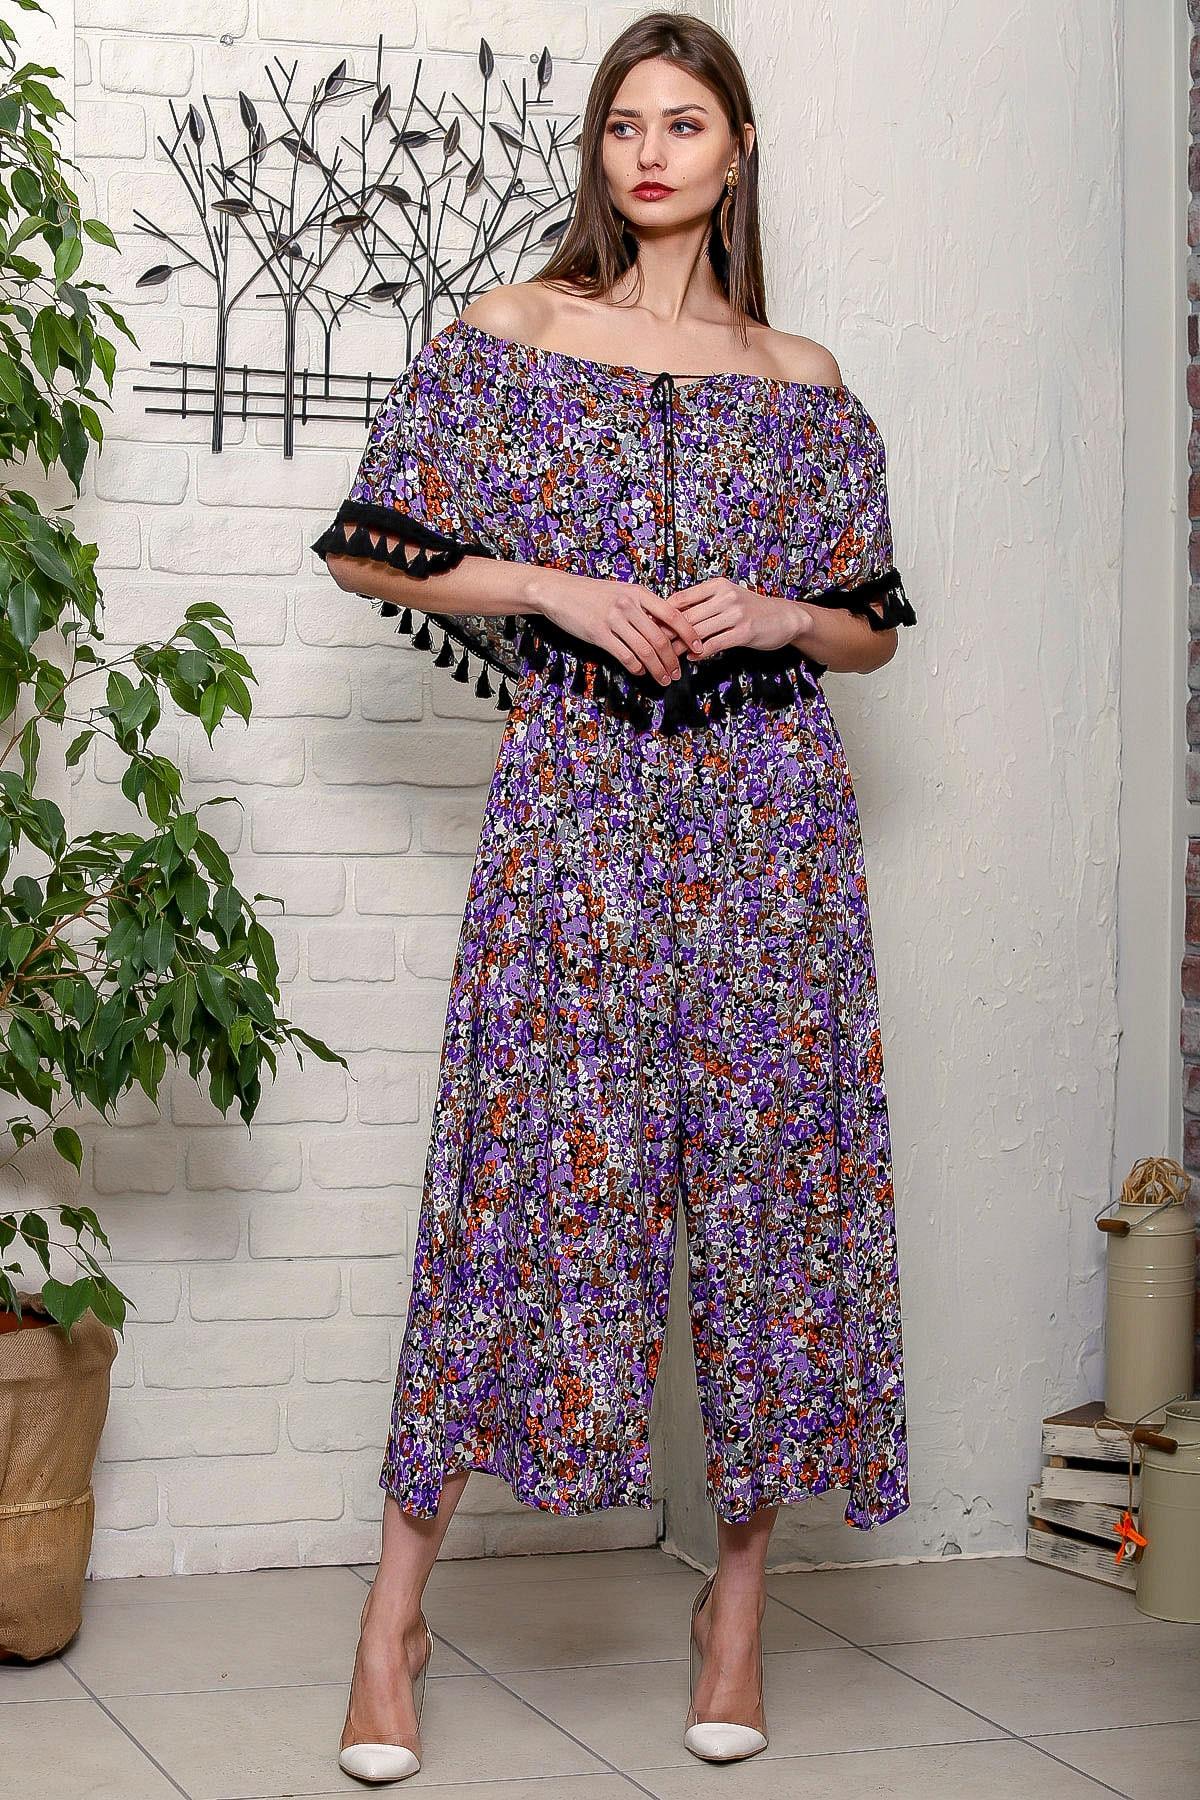 Chiccy Kadın Floral  Carmen Yaka Çiçek Desenli Püskül Detaylı Uzun Dokuma Tulum